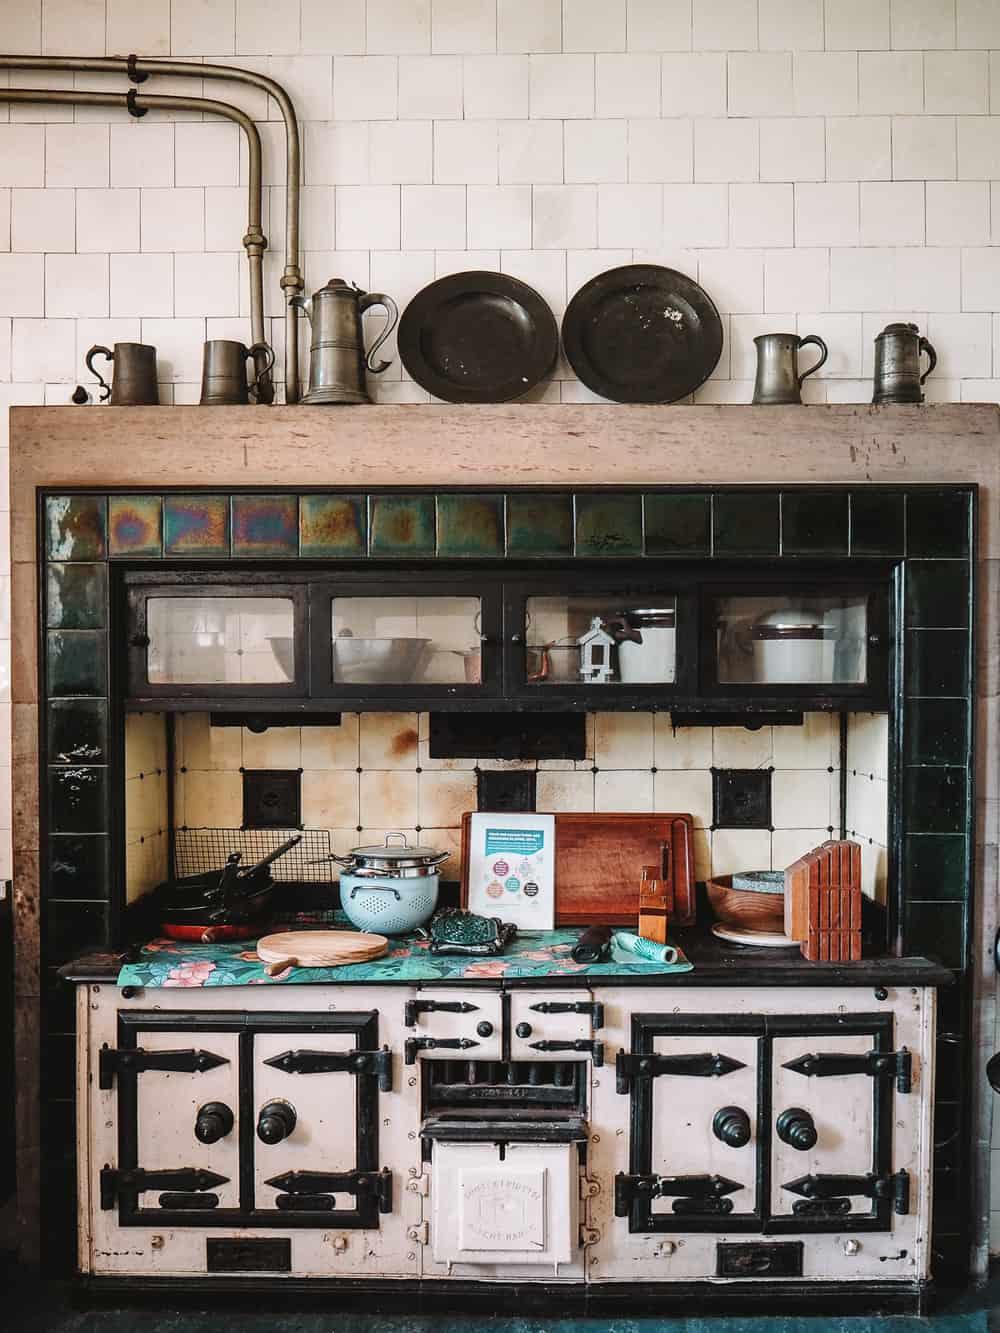 Reverend Wakefields Kitchen in Outlander